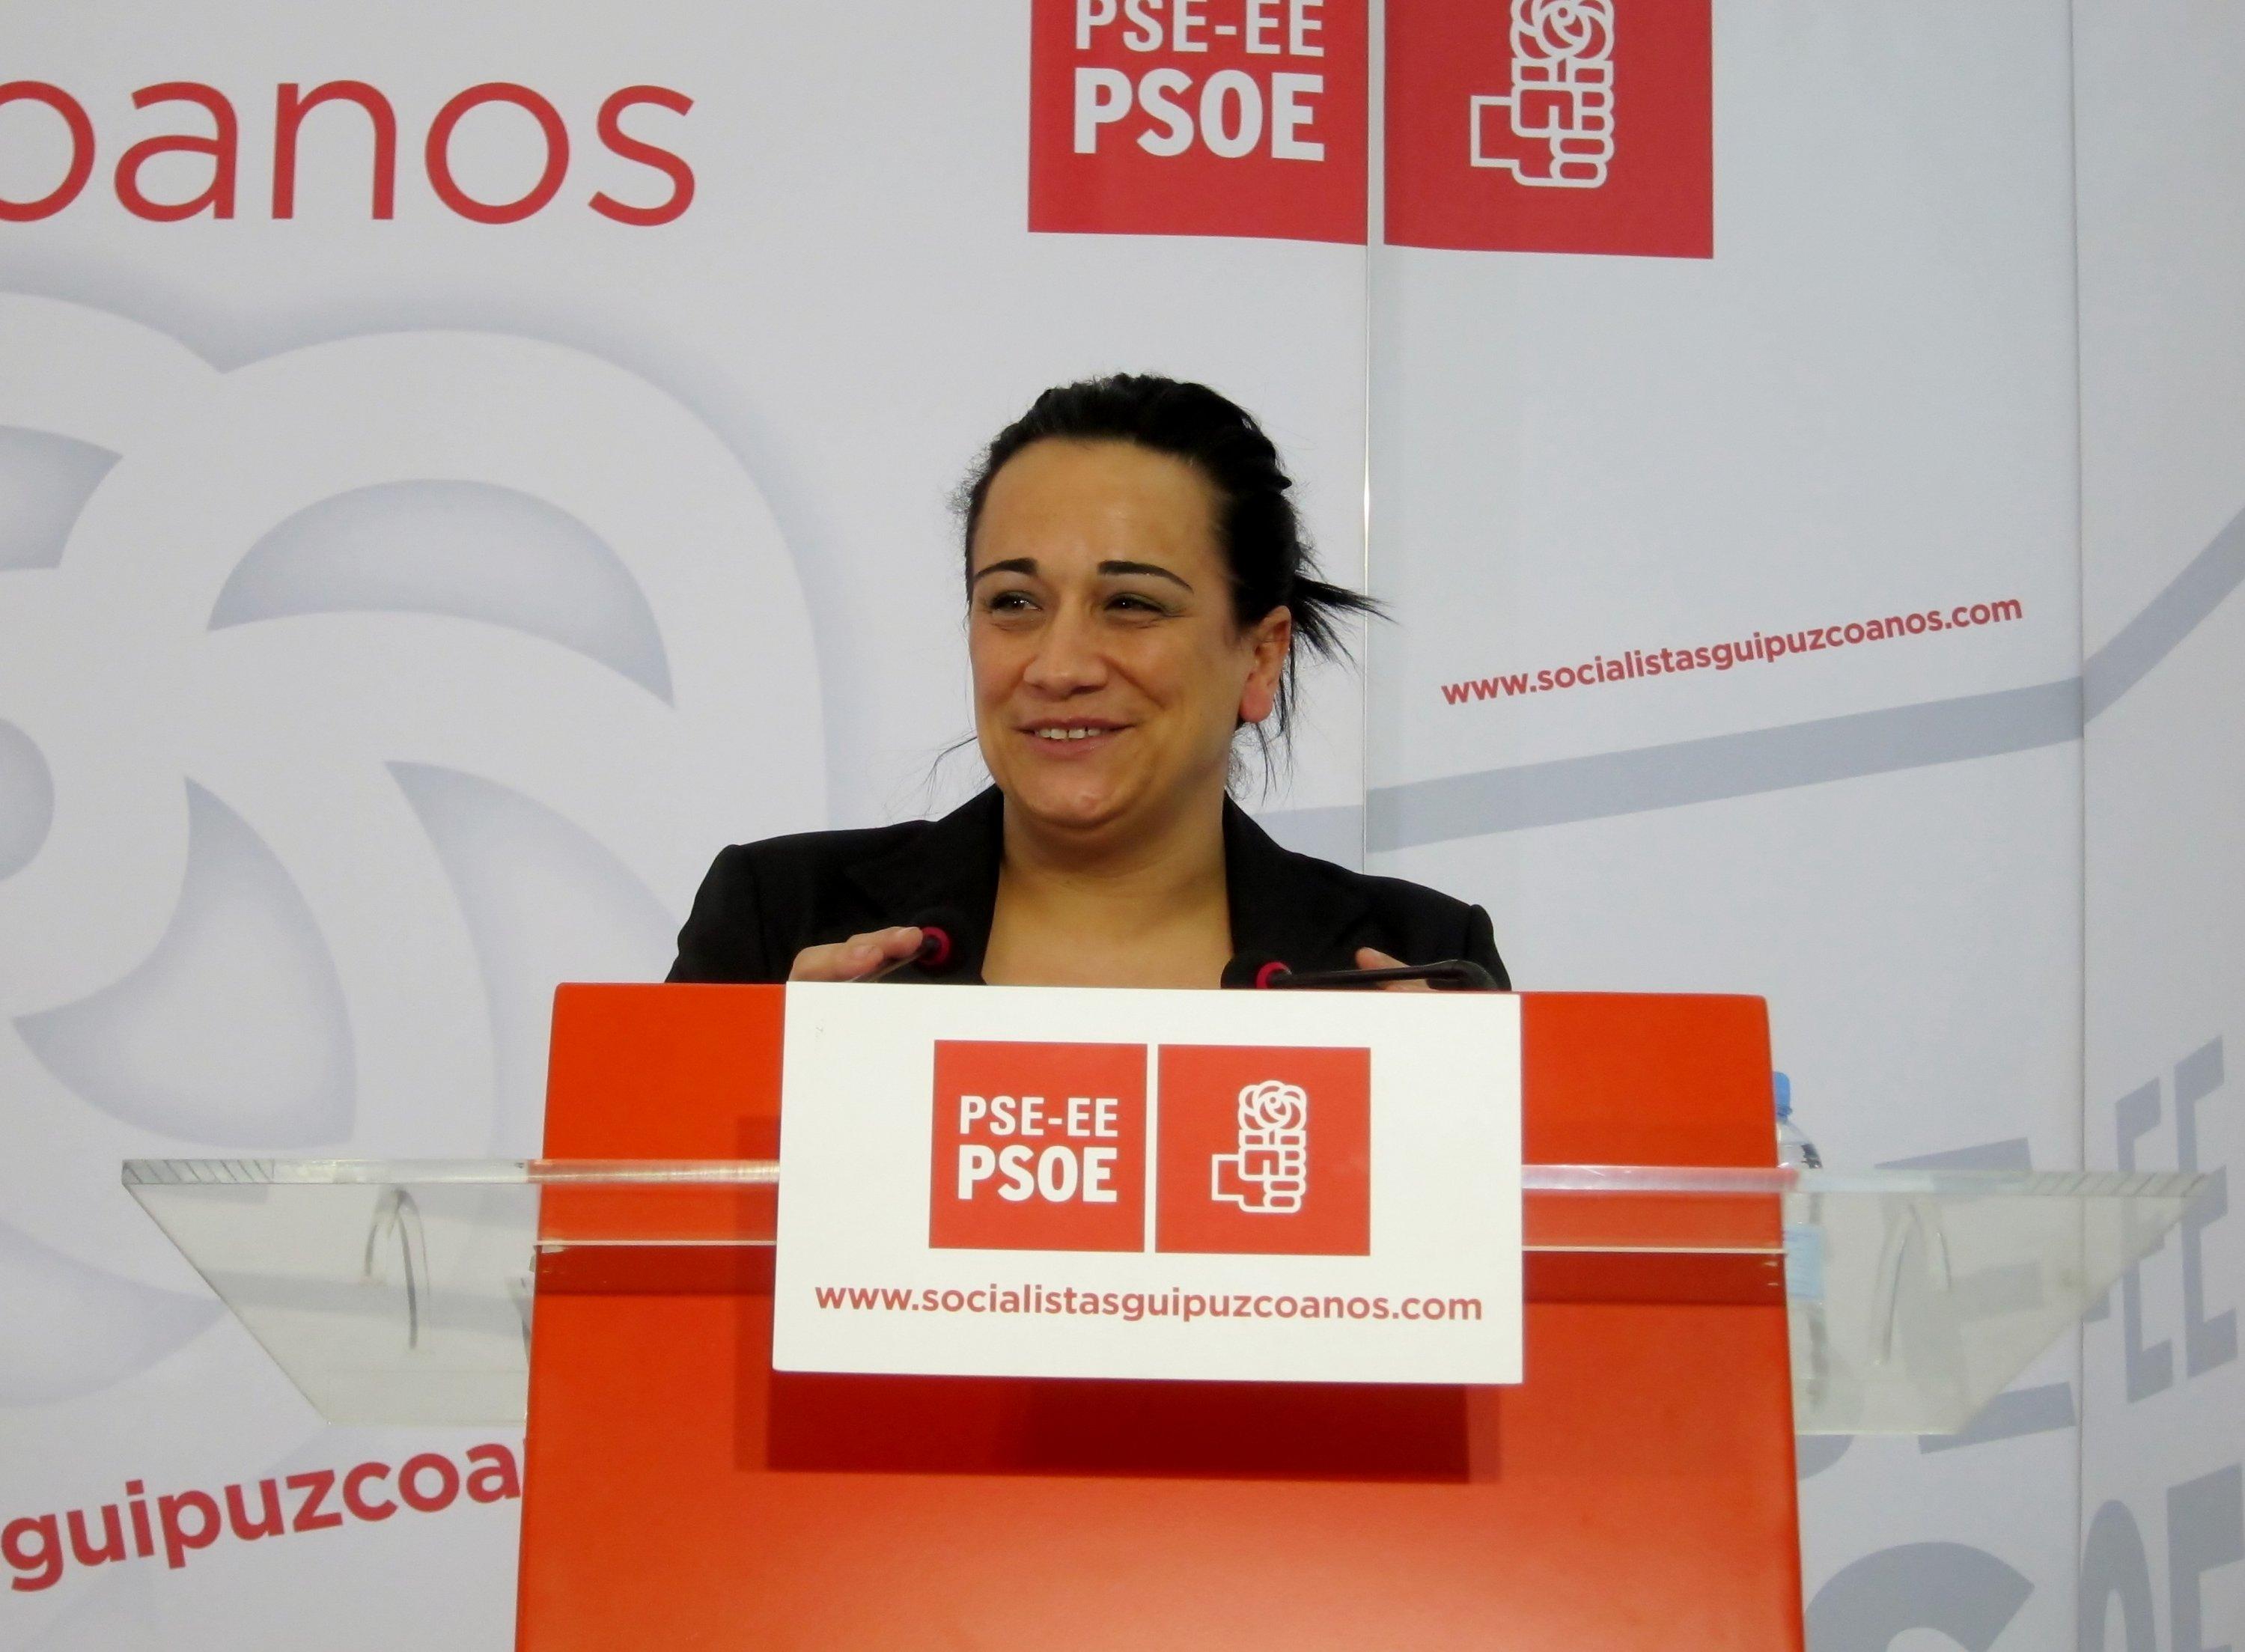 PSE califica de «incomprensible» que no se hayan inspeccionado las SPE hasta la entrada de Bildu en la Diputación